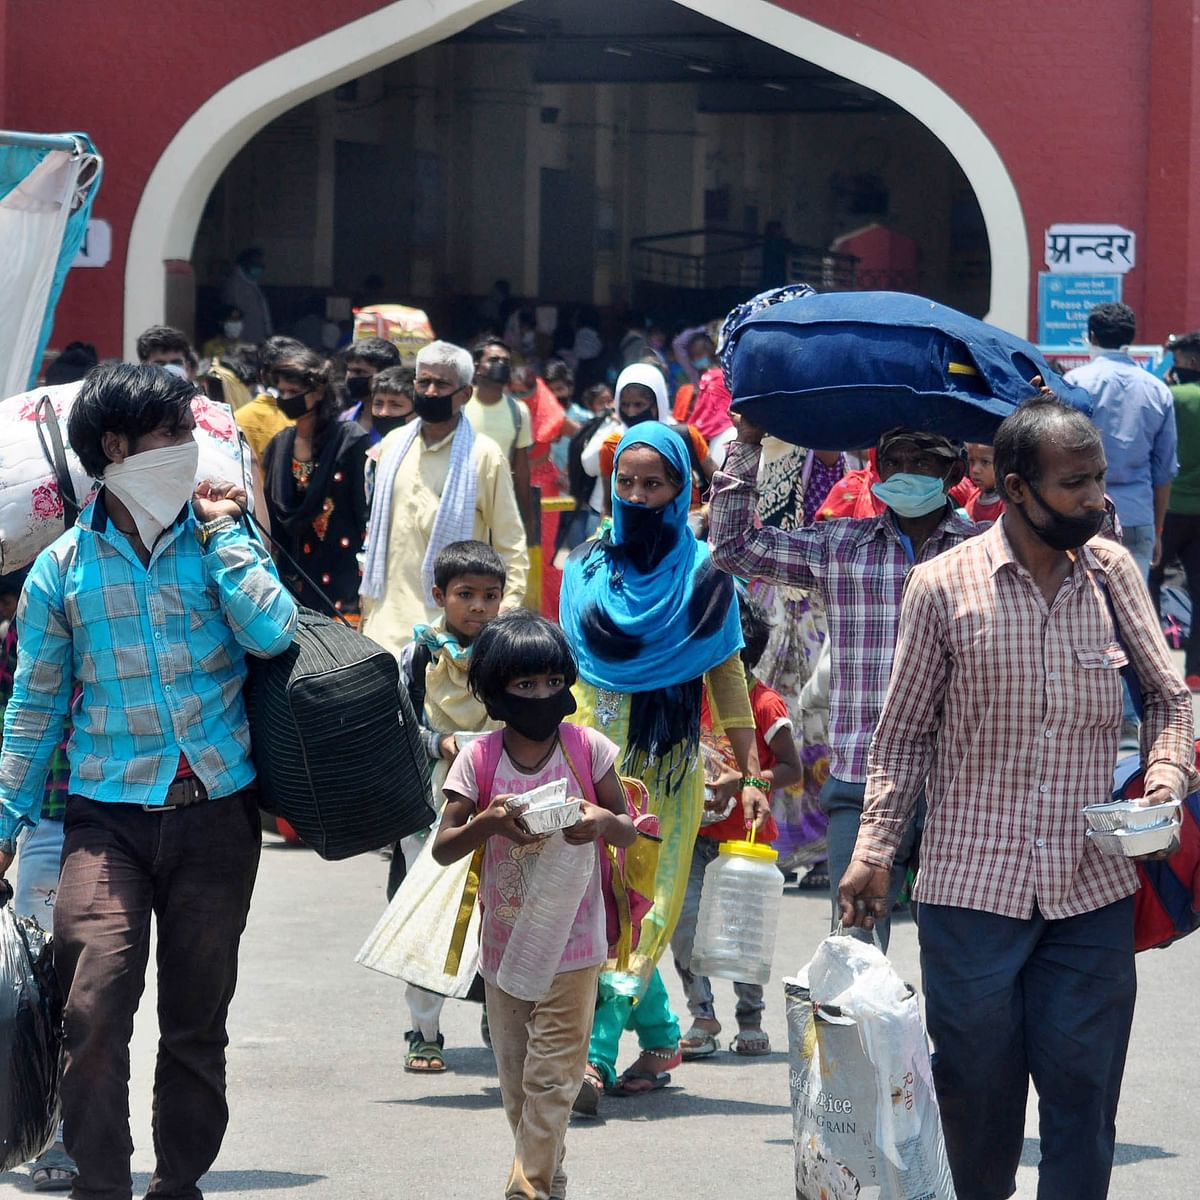 لکھنؤ کے چار باغ اسٹیشن پر مہاجر مزدور